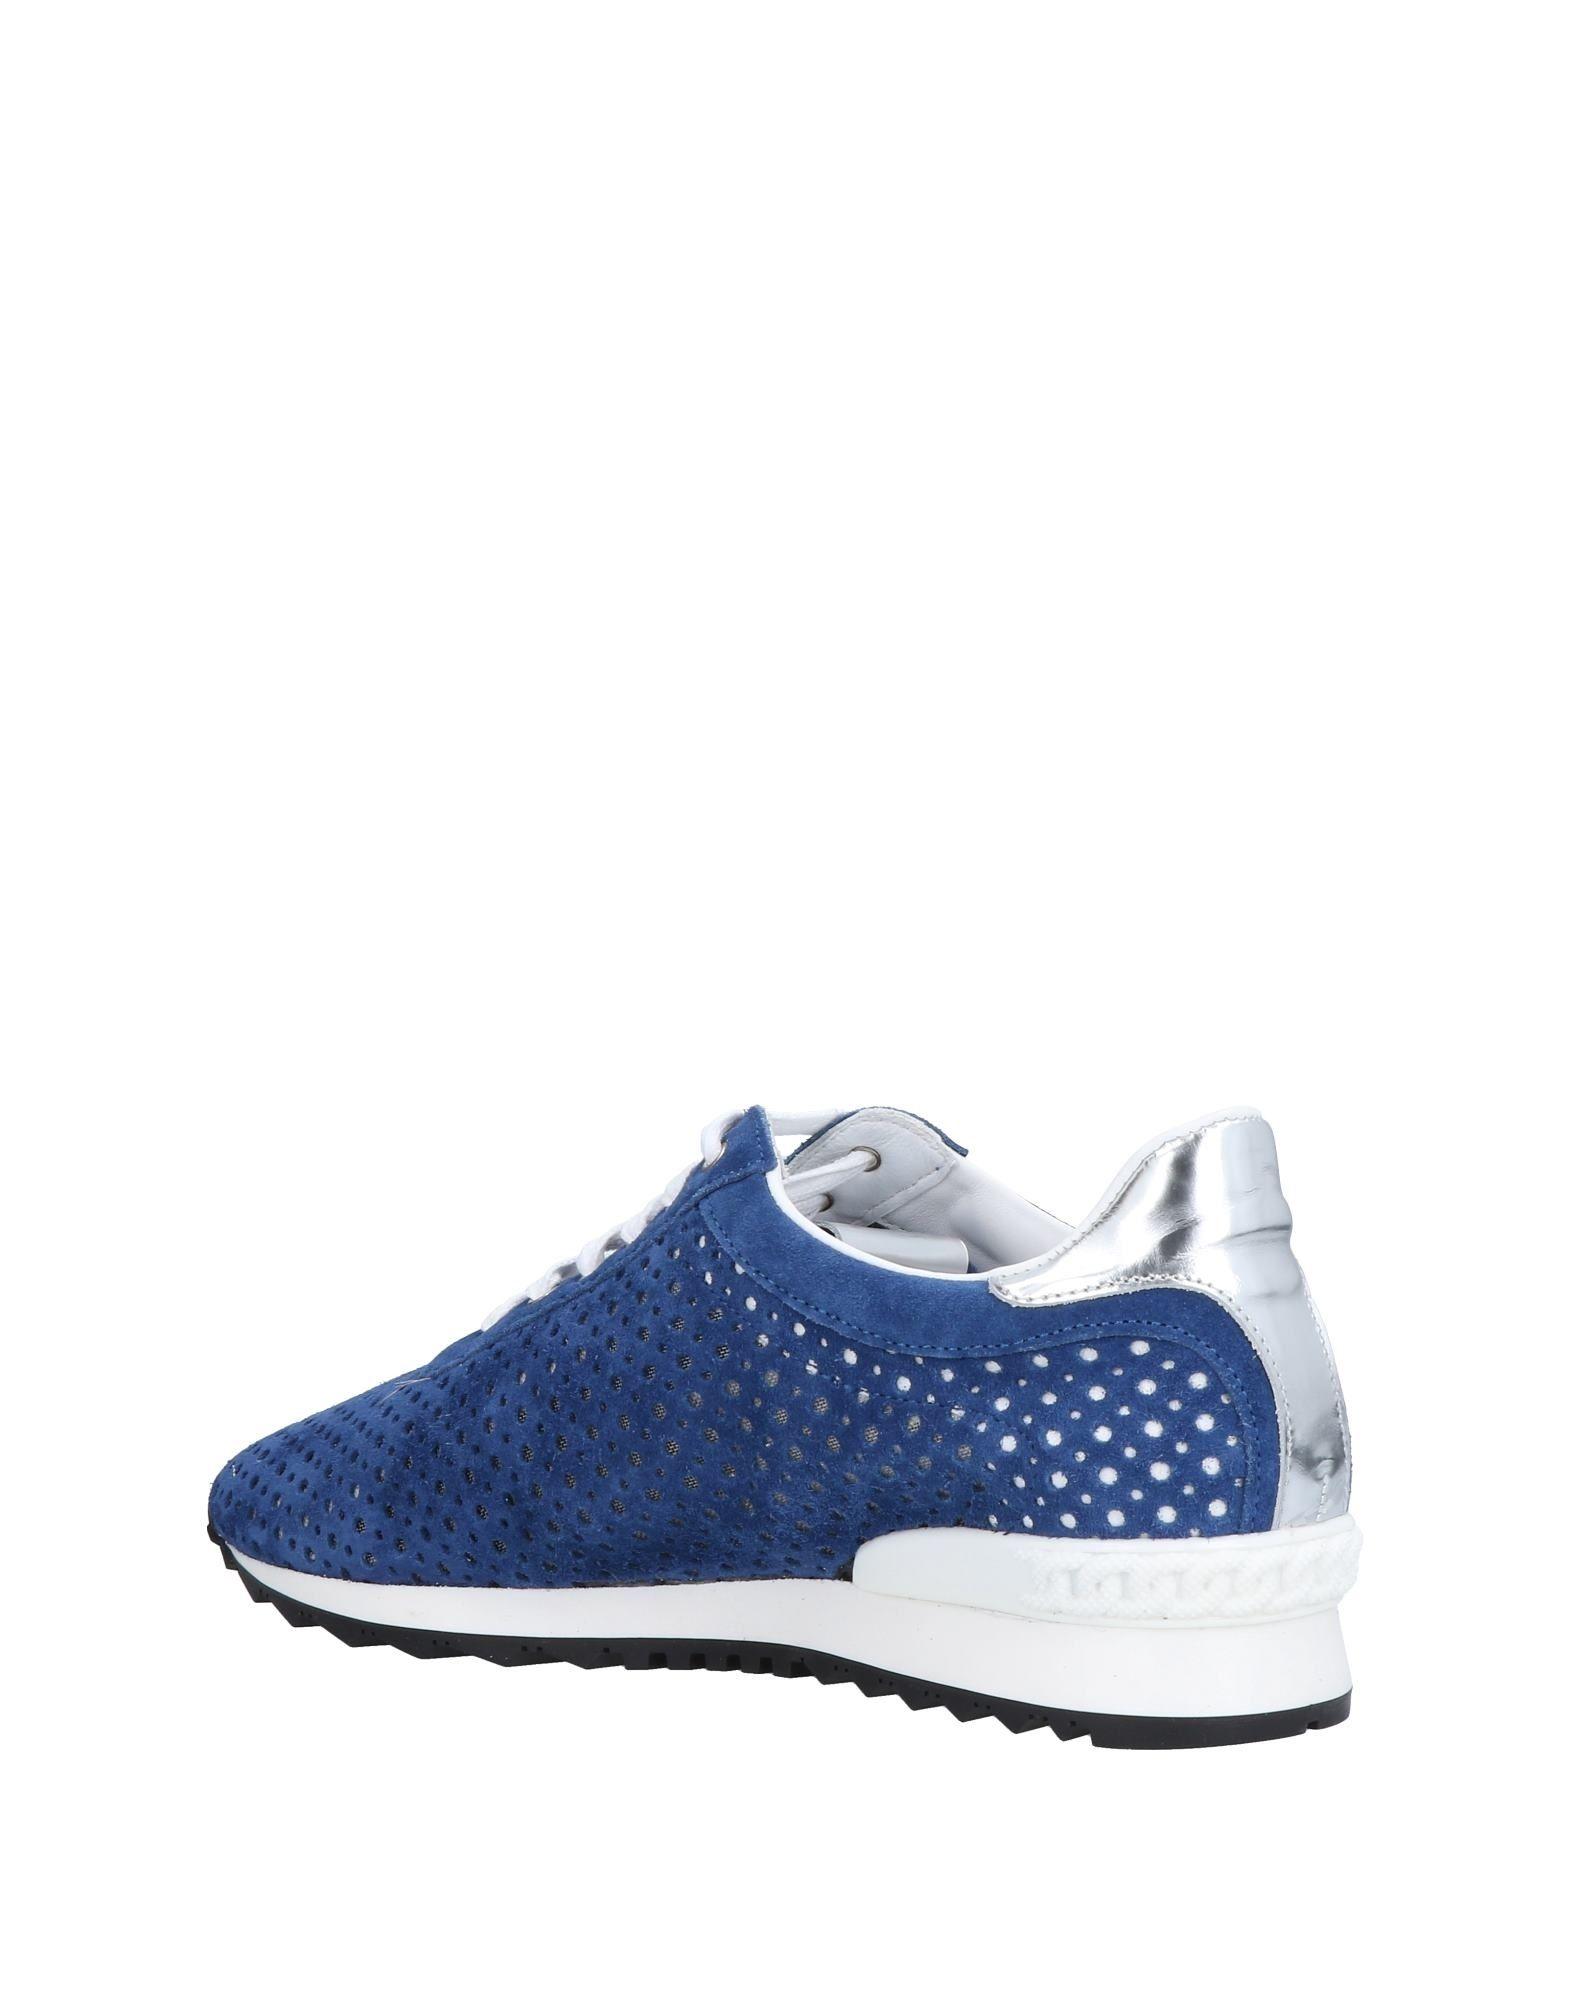 Rabatt Schuhe Casadei Damen Sneakers Damen Casadei  11201598IW 9b9d2b